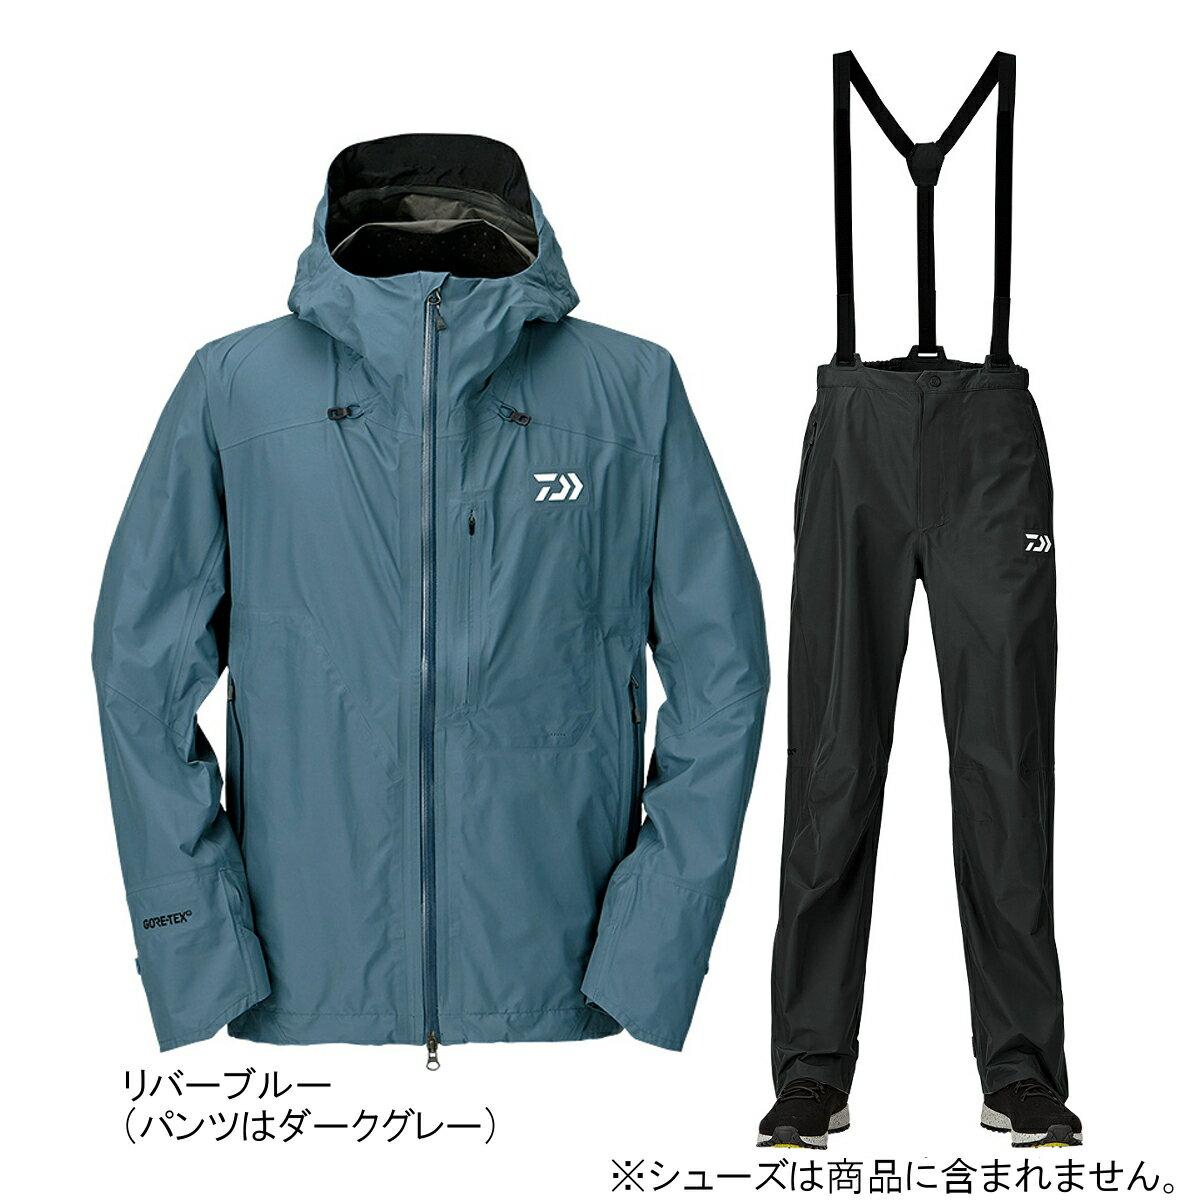 ダイワ ゴアテックス パックライトプラス レインスーツ DR-16009 M リバーブルー【送料無料】